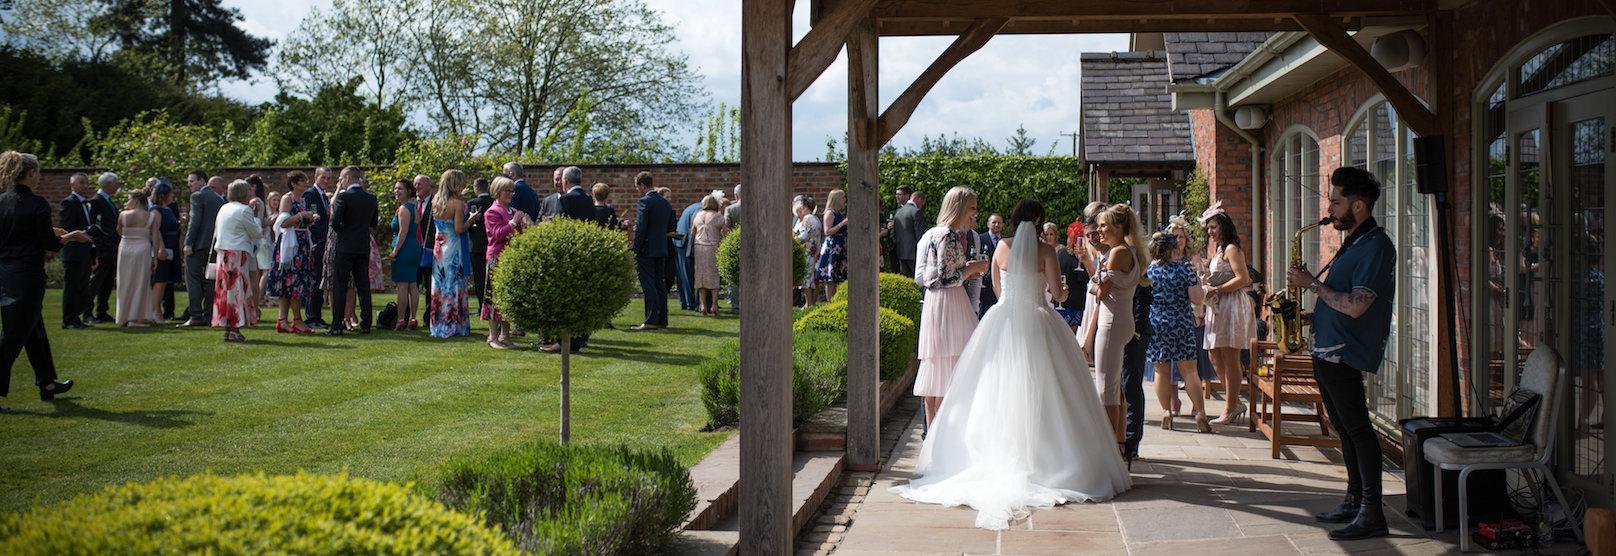 Walled Garden Wedding Reception